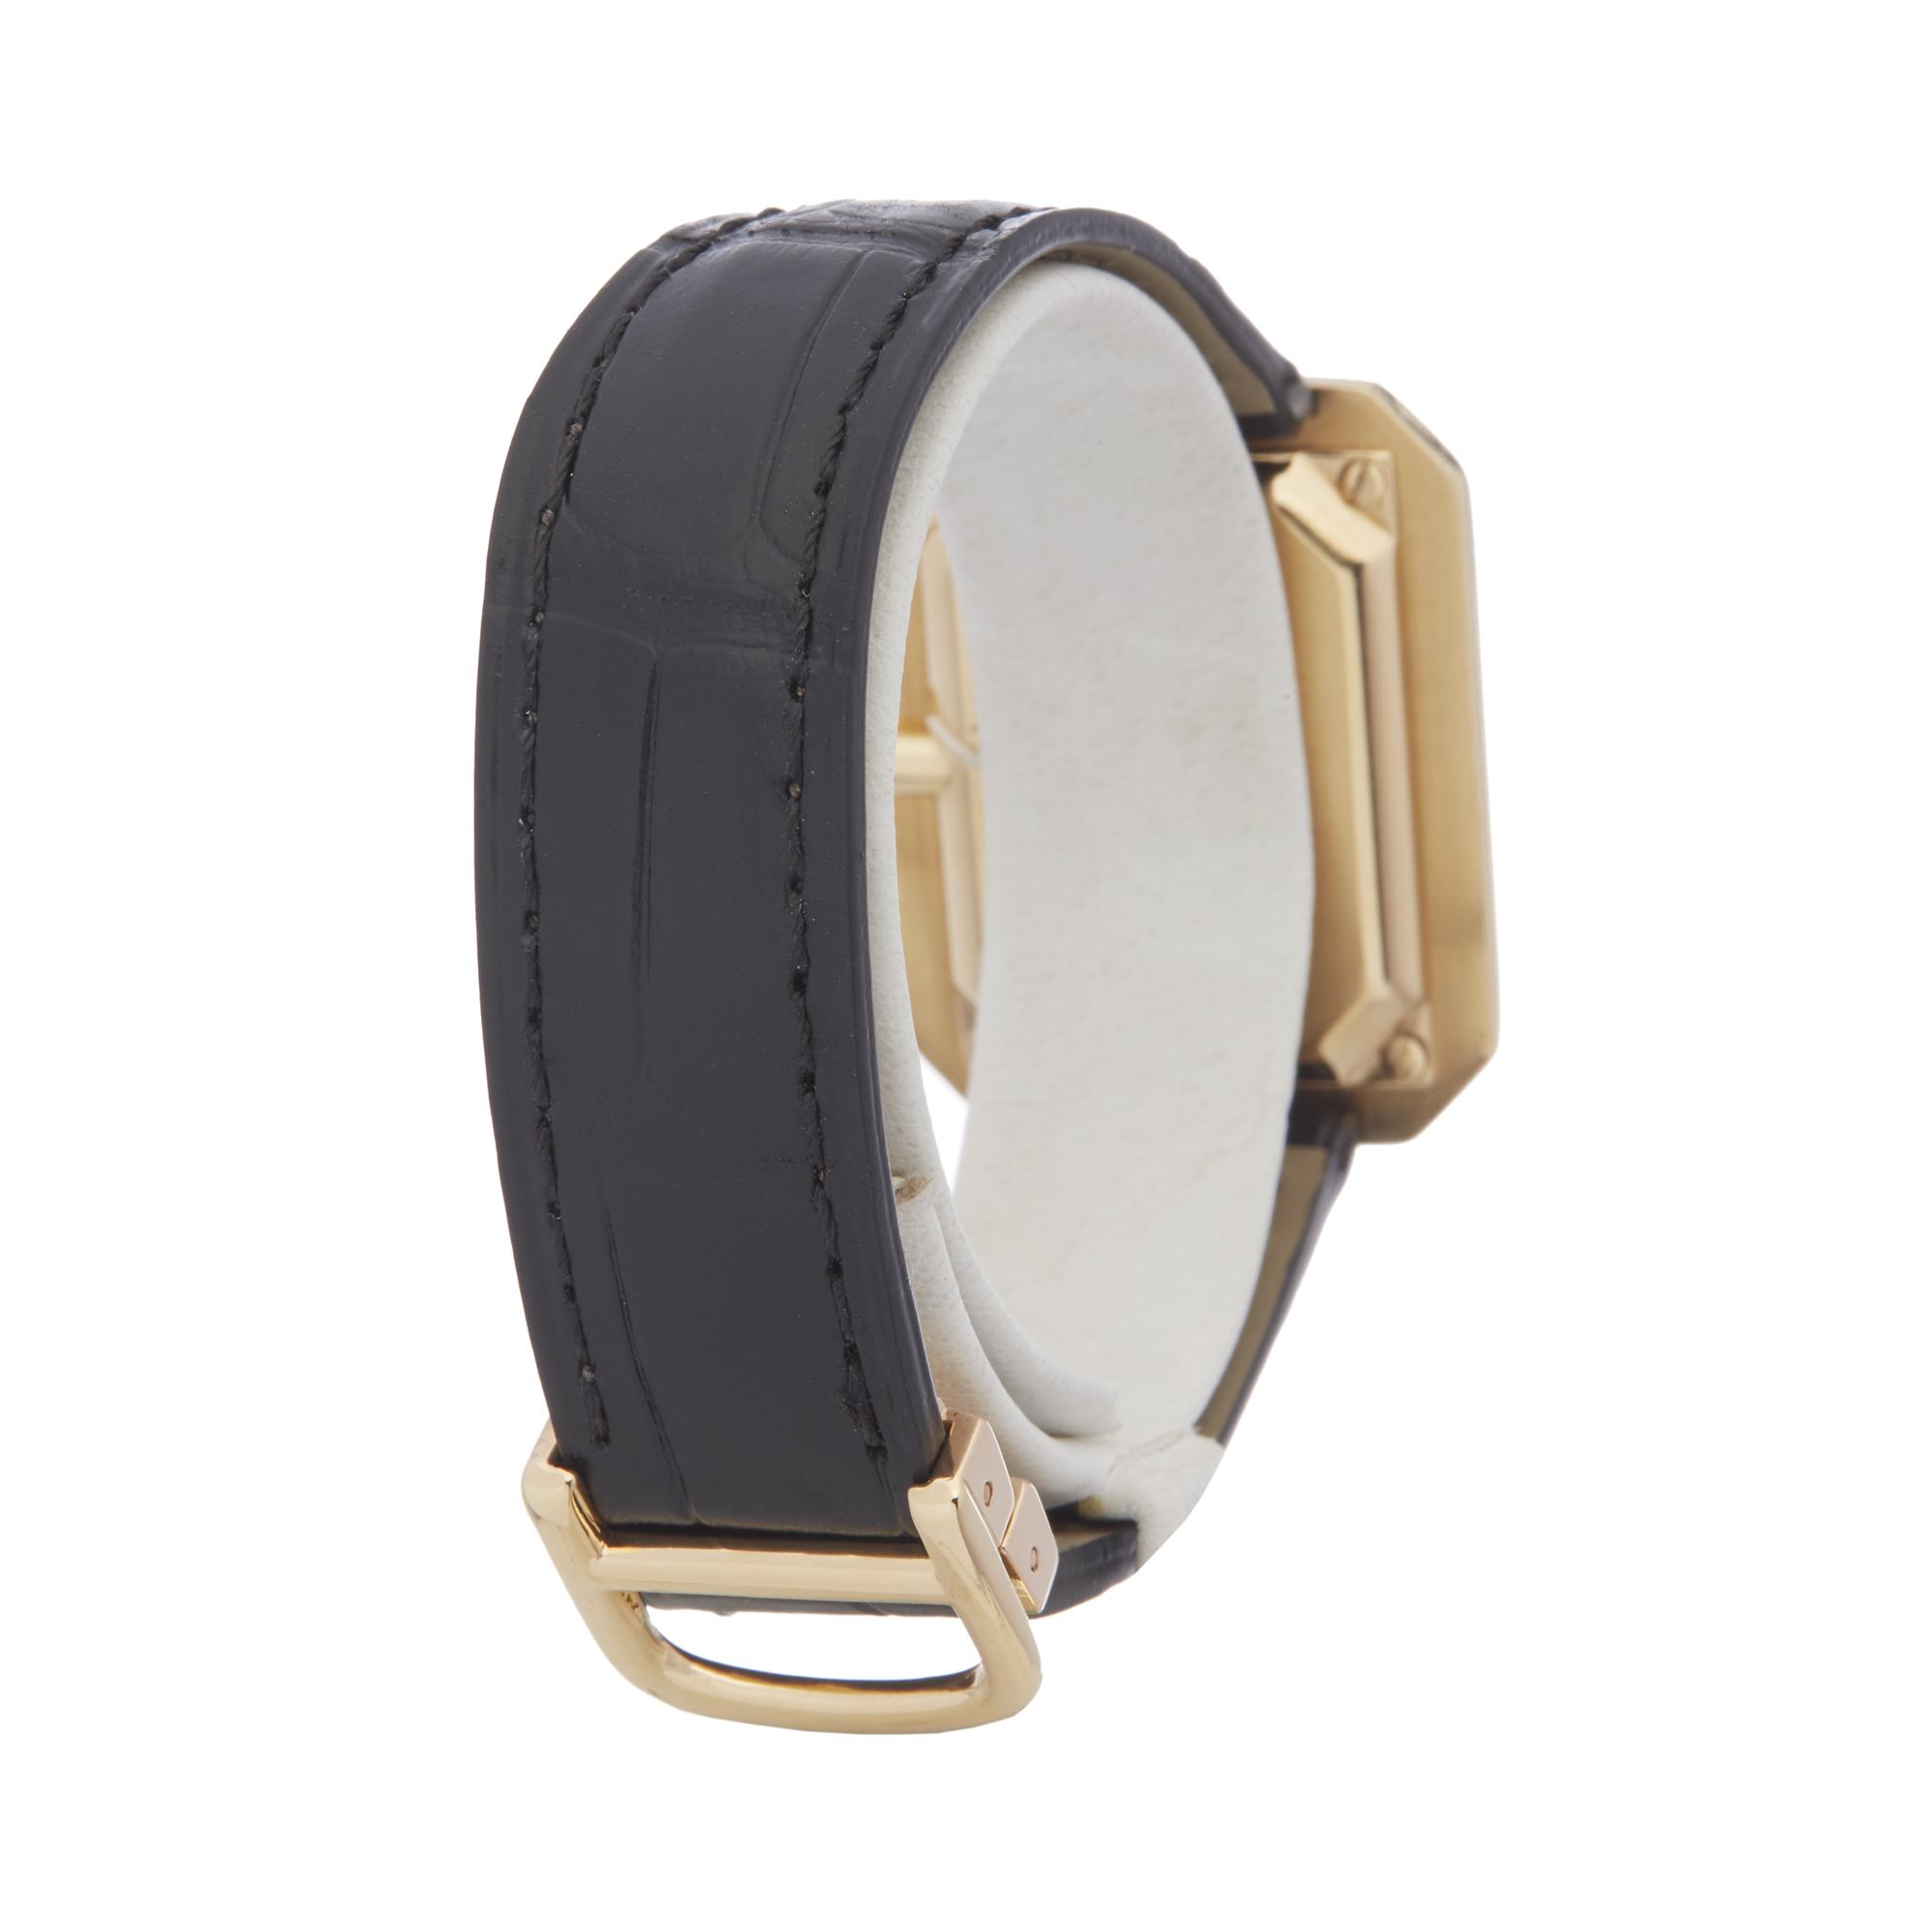 Cartier Cristallor Ladies Yellow Gold Paris Mecanique Watch - Image 5 of 8